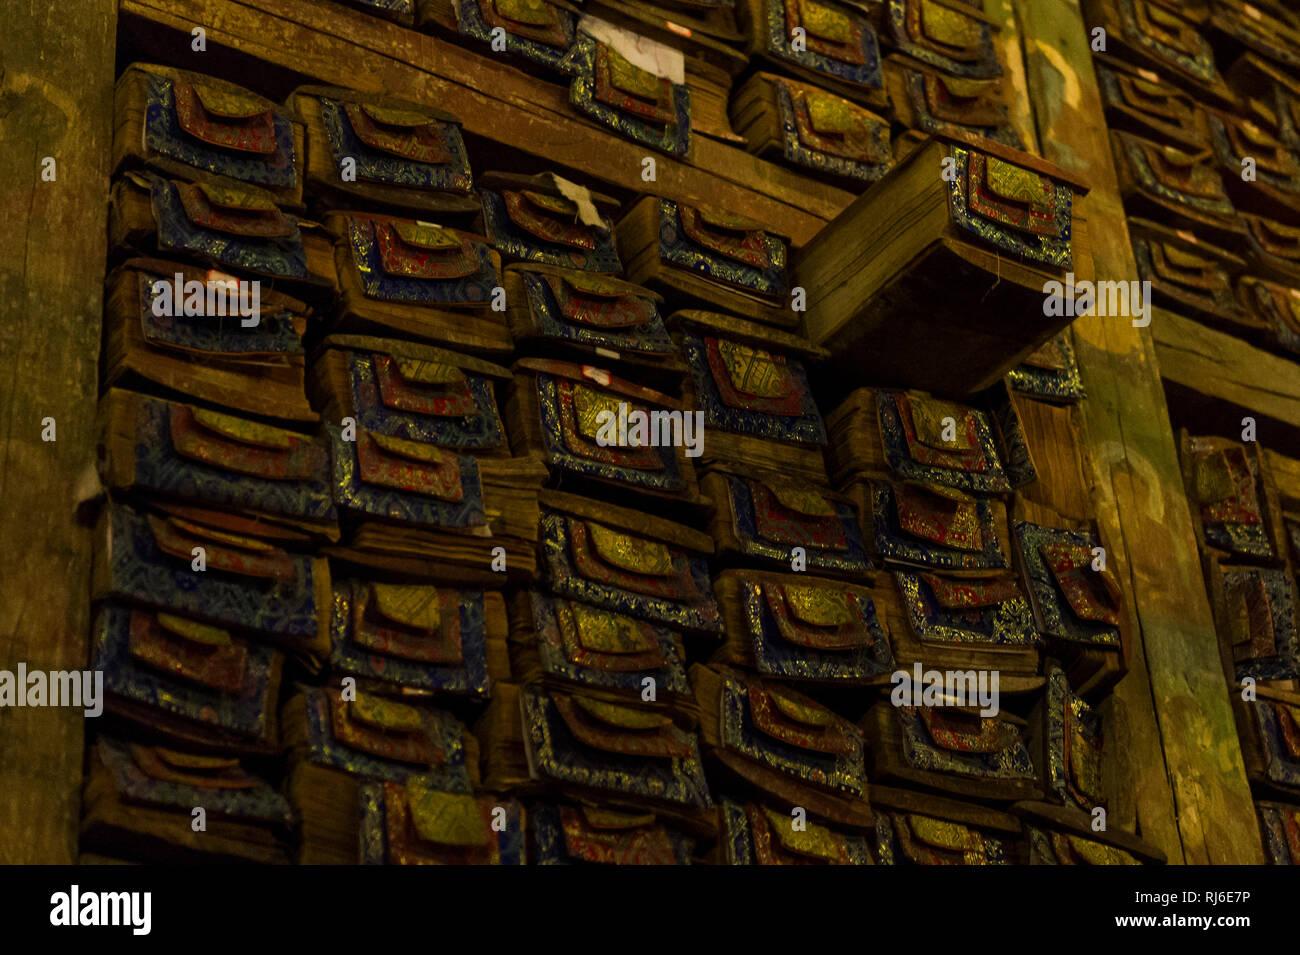 Tibet, Kloster Sakya, Bibliothek - Stock Image